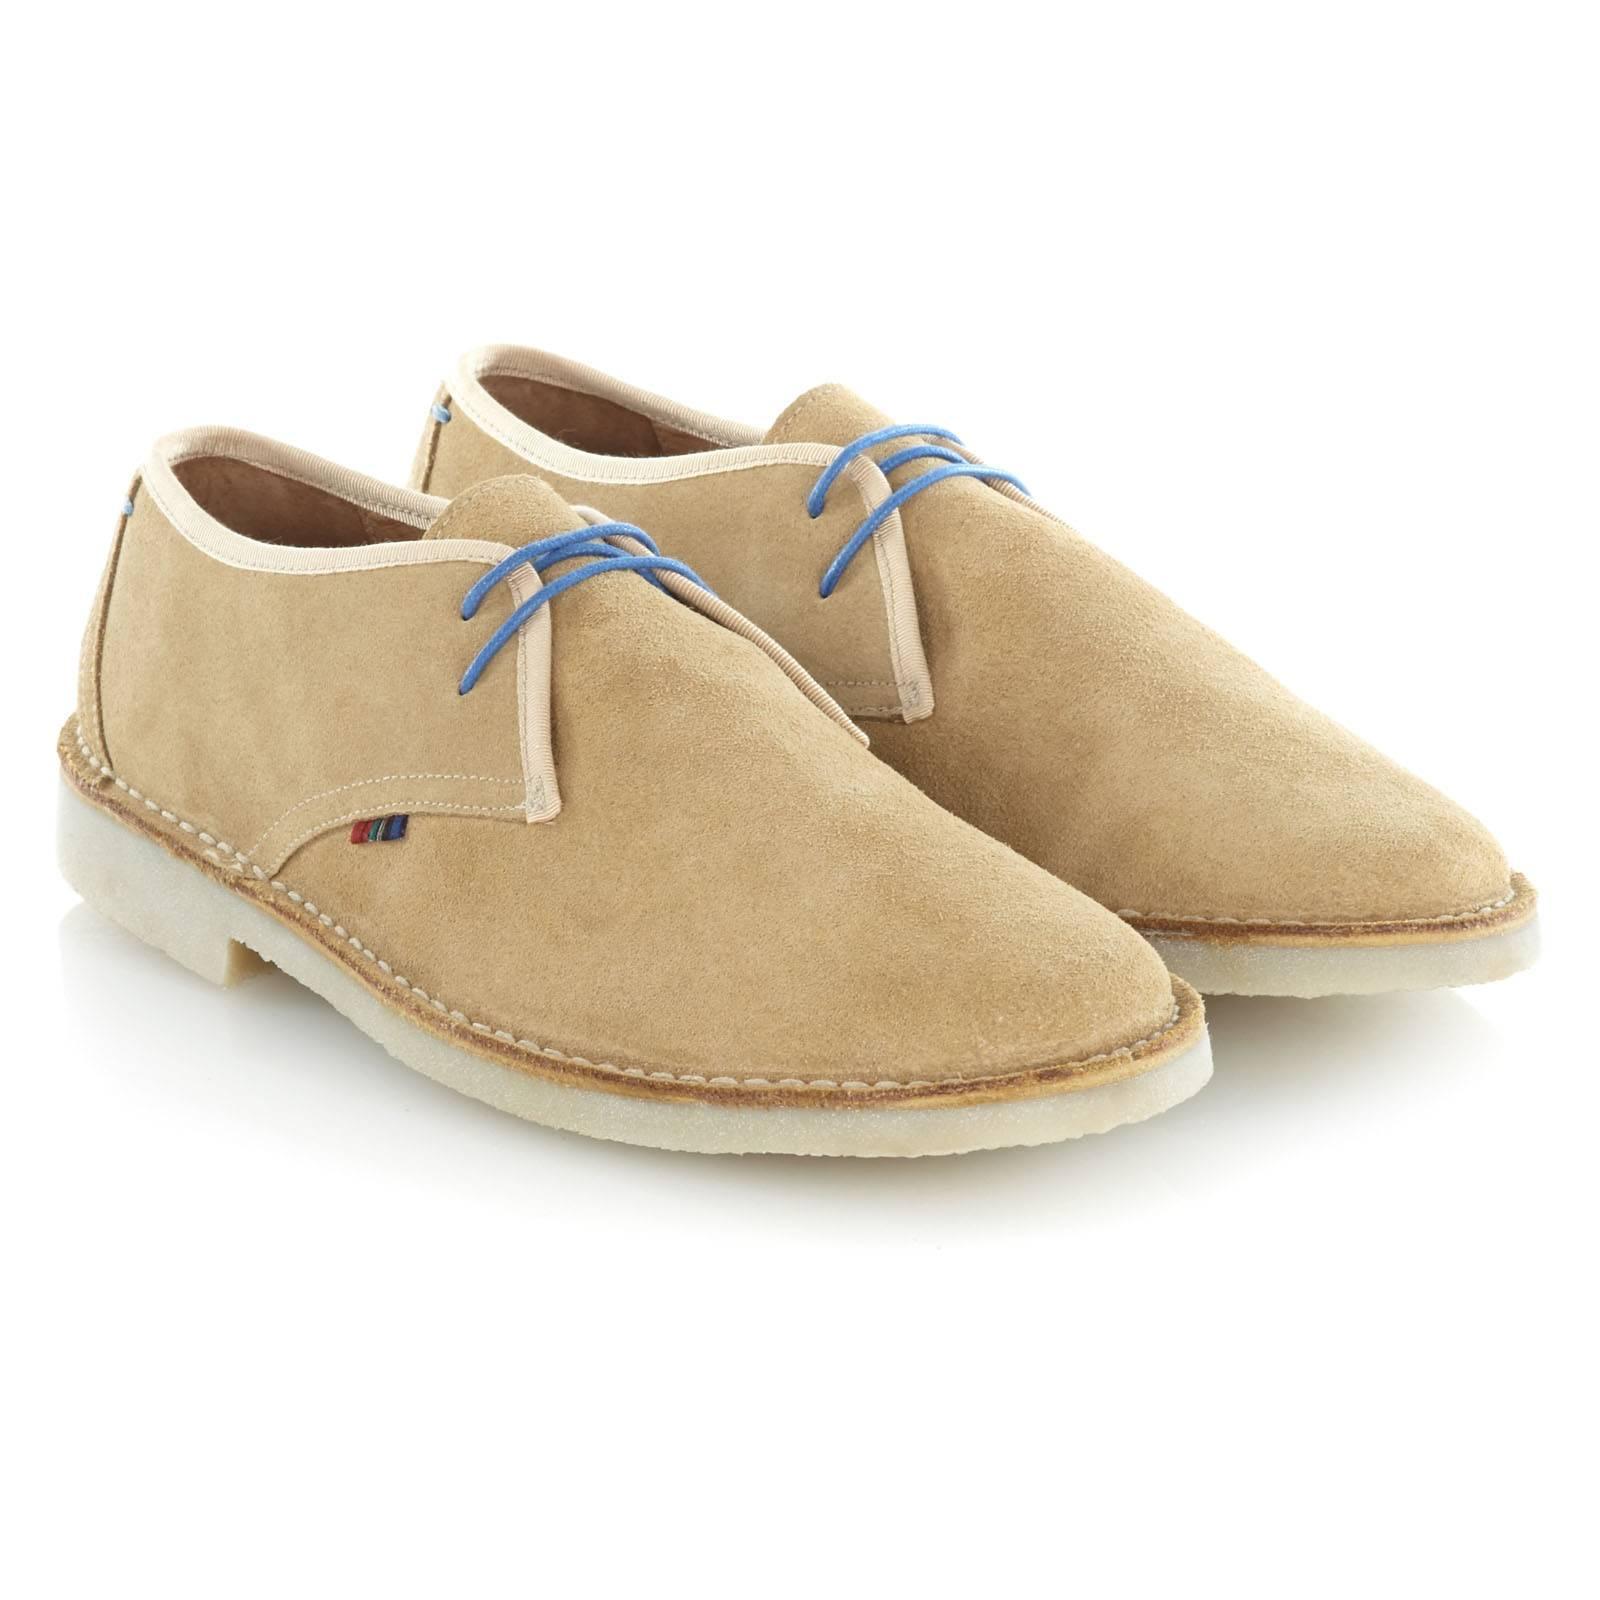 Ботинки TooleyОбувь<br>Укороченный вариант легендарной модели Desert Boots: легкие и удобные полуботинки из высококачественной замши. Благодаря гибкой резиновой подошве практически не чувствуются на ноге. Отличная обувь на позднюю весну и летний сезон. Хорошо сочетаются с чиносами и шортами.<br><br>Артикул: 913212<br>Материал: 100% кожа (замша)<br>Цвет: песочный<br>Пол: Мужской